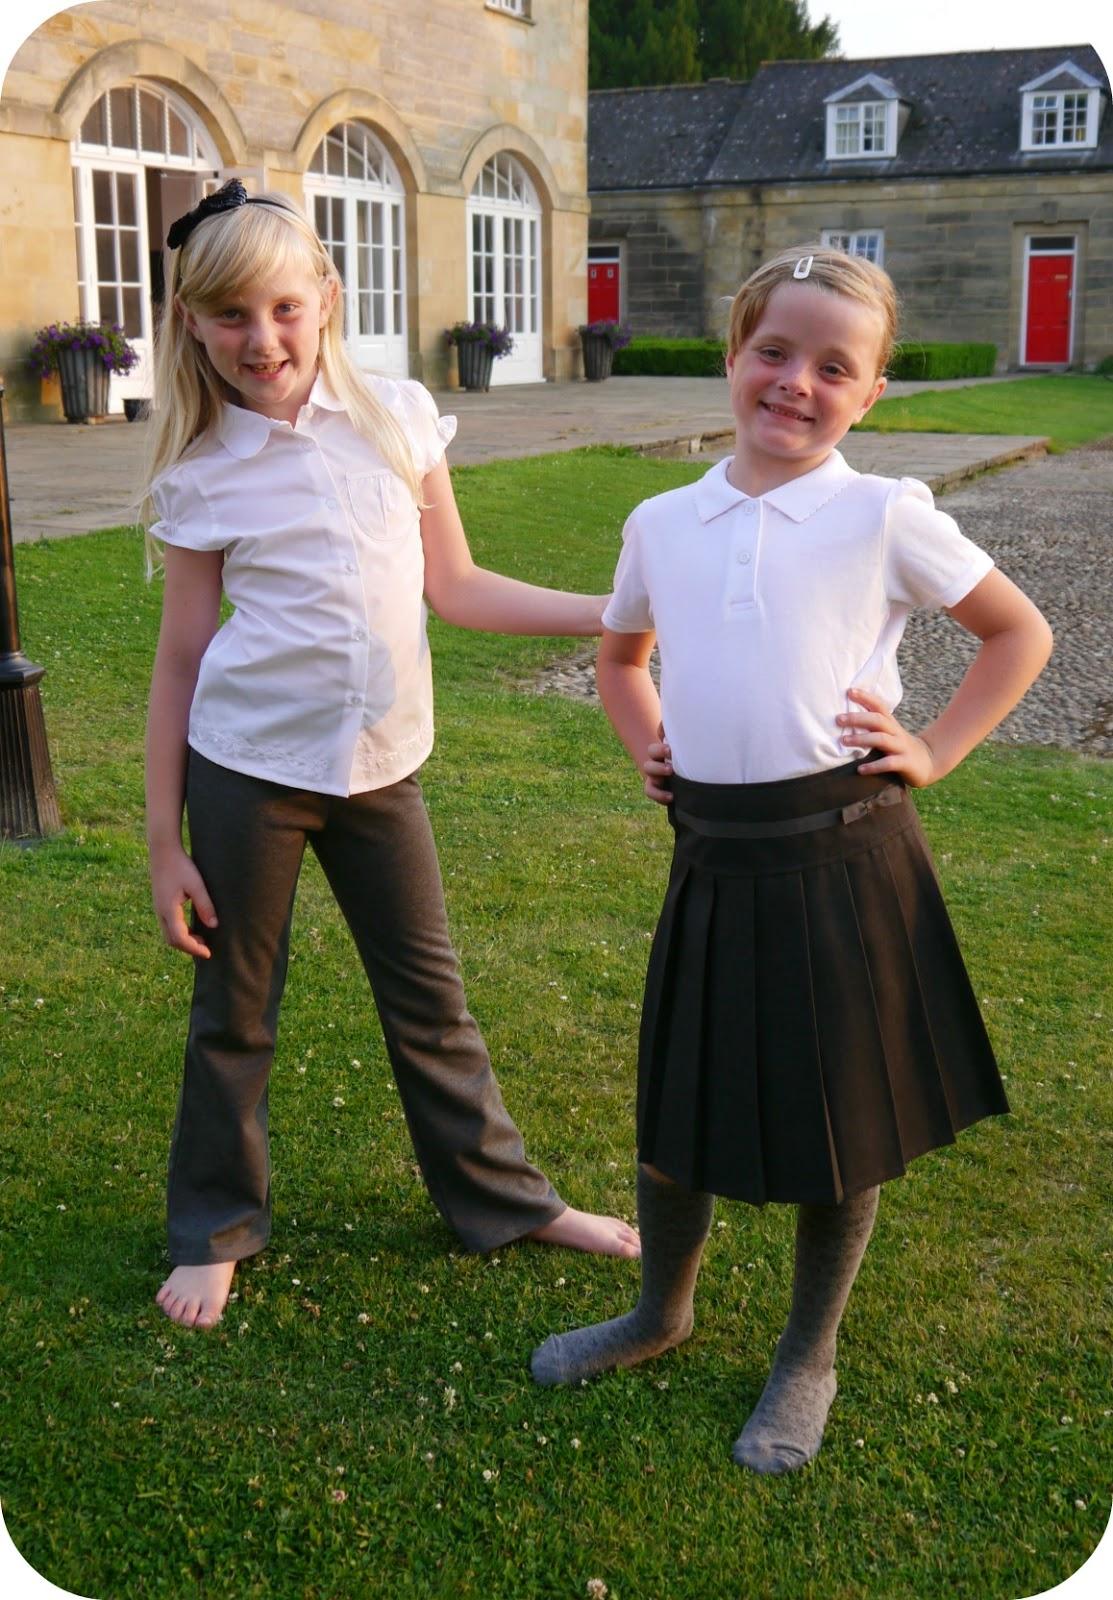 White apron sainsburys - Back To School With Tu At Sainsburys